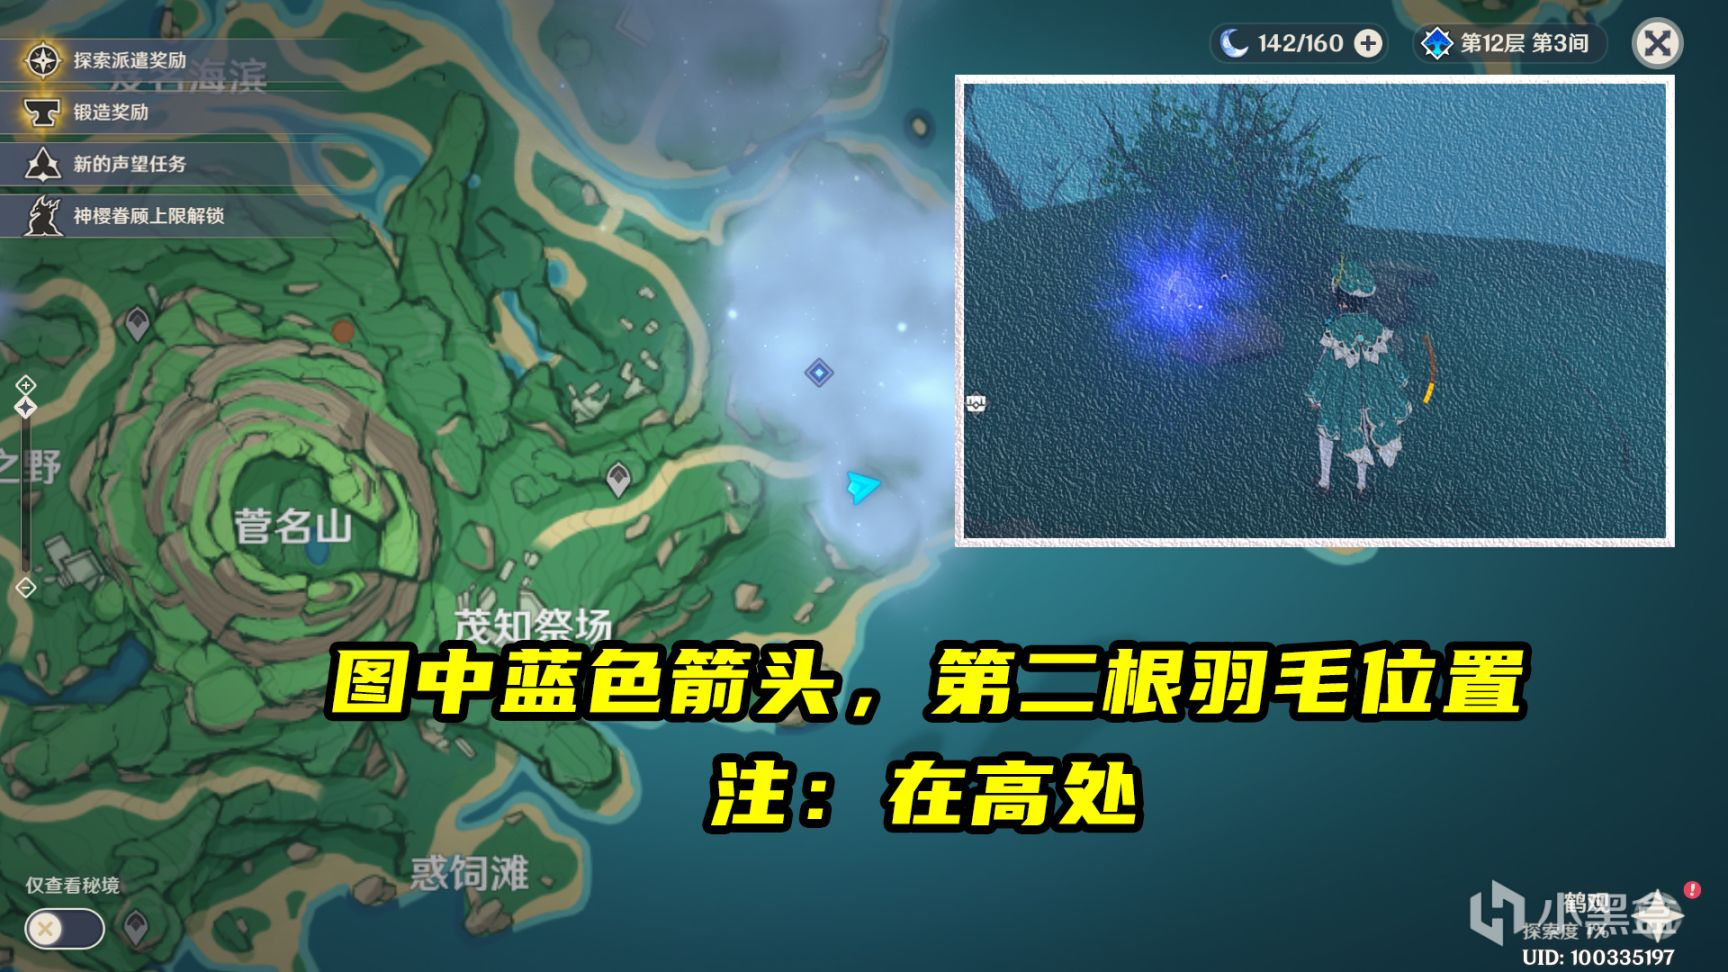 【雾海纪行】最详细的全攻略(多图警告)插图14